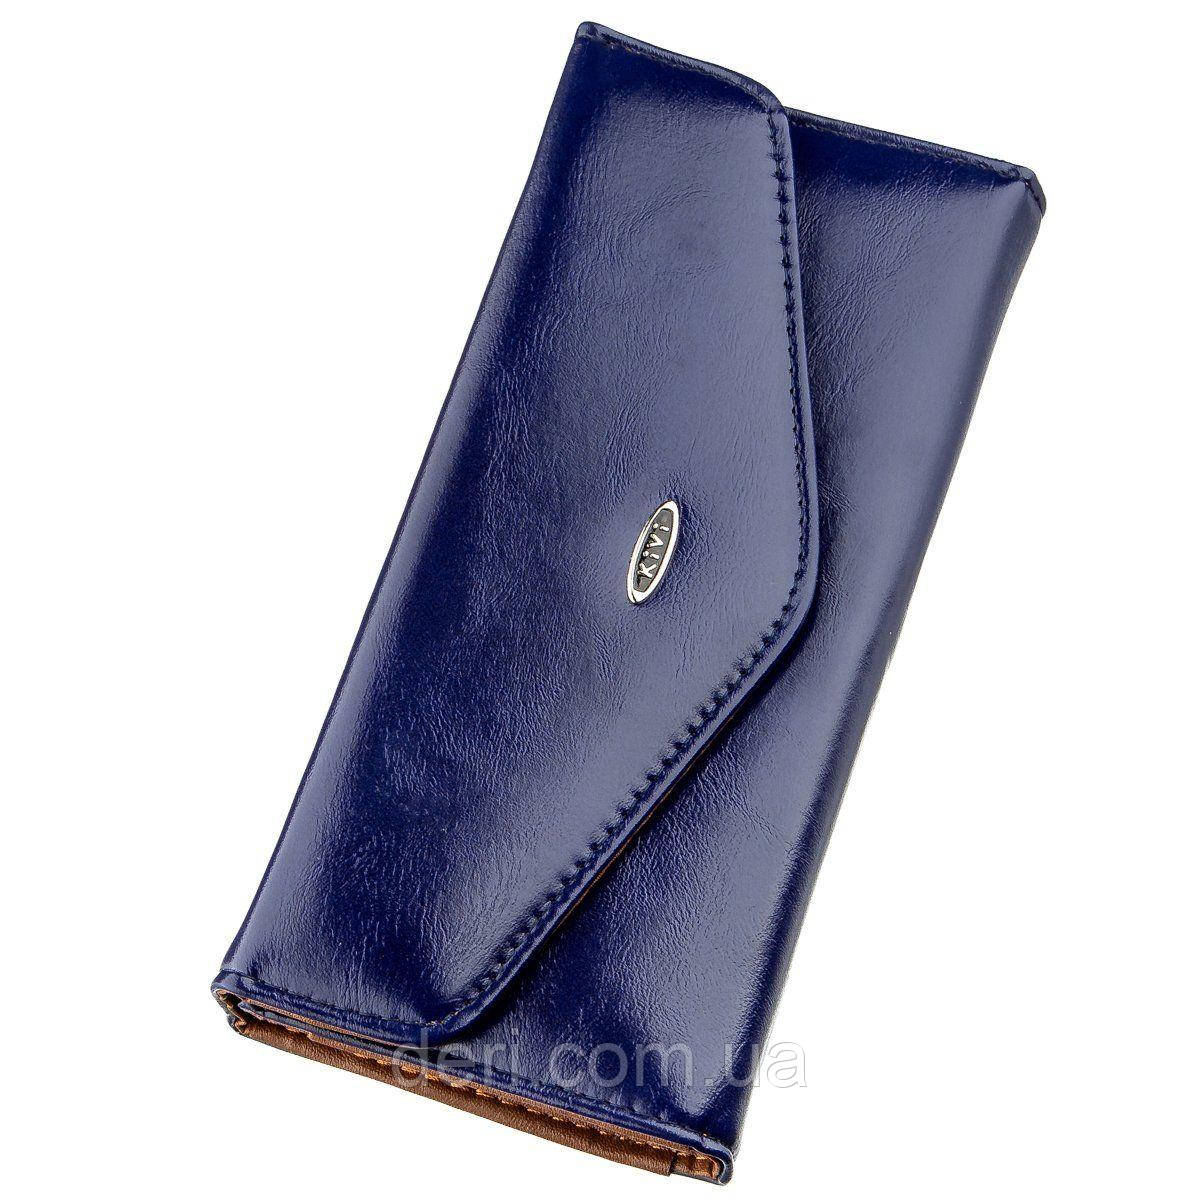 Кошелек женский конверт из гладкой экокожи синий